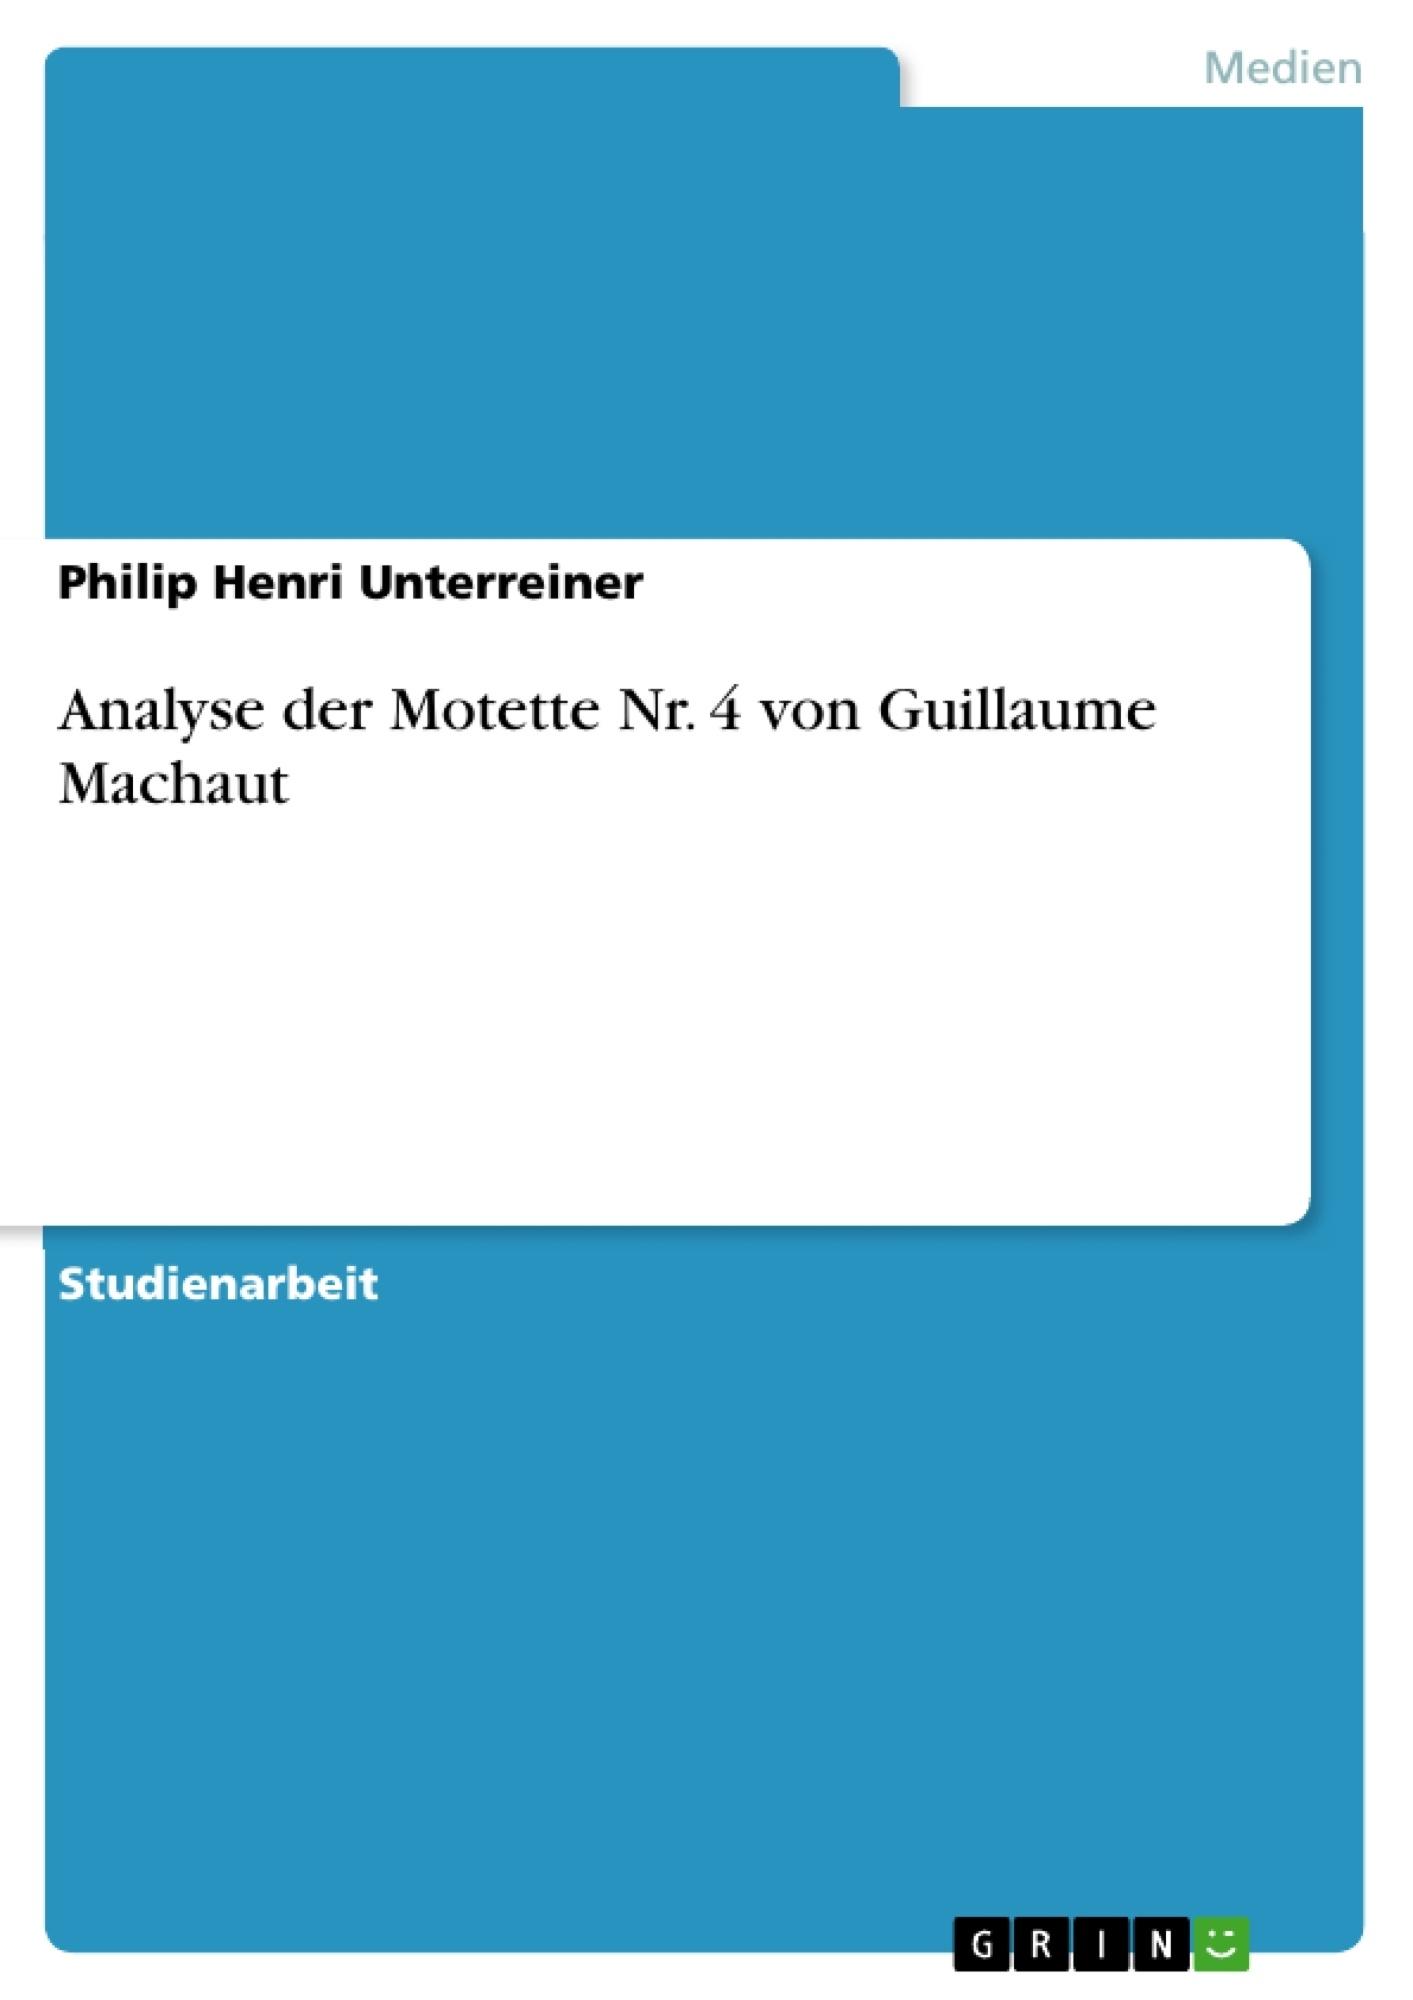 Titel: Analyse der Motette Nr. 4 von Guillaume Machaut